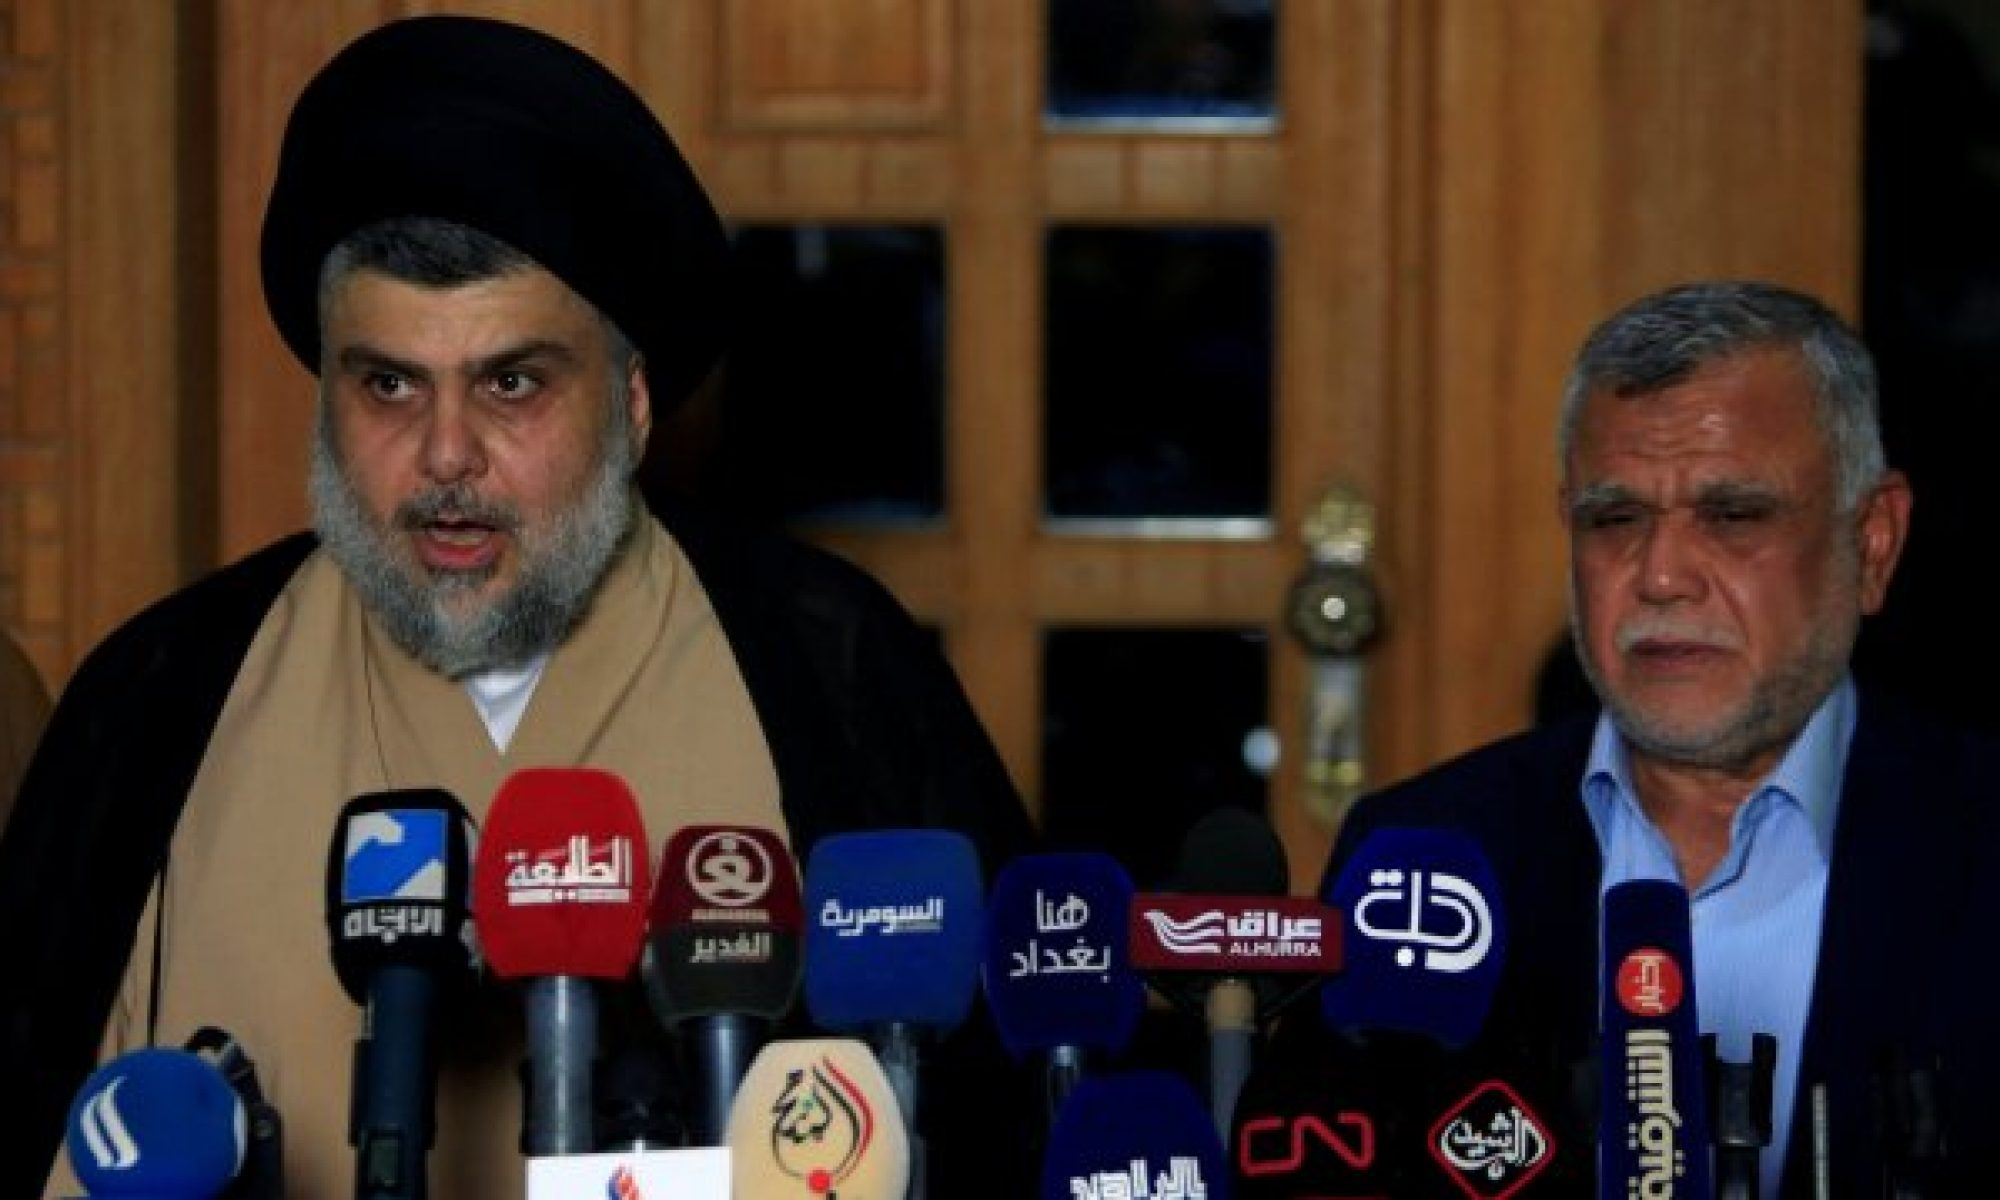 Irak'da gerilim arttı: ABD'nin Haşdi Şabi'ye saldırılarısına Şii cepheden cevaplar gecikmedi